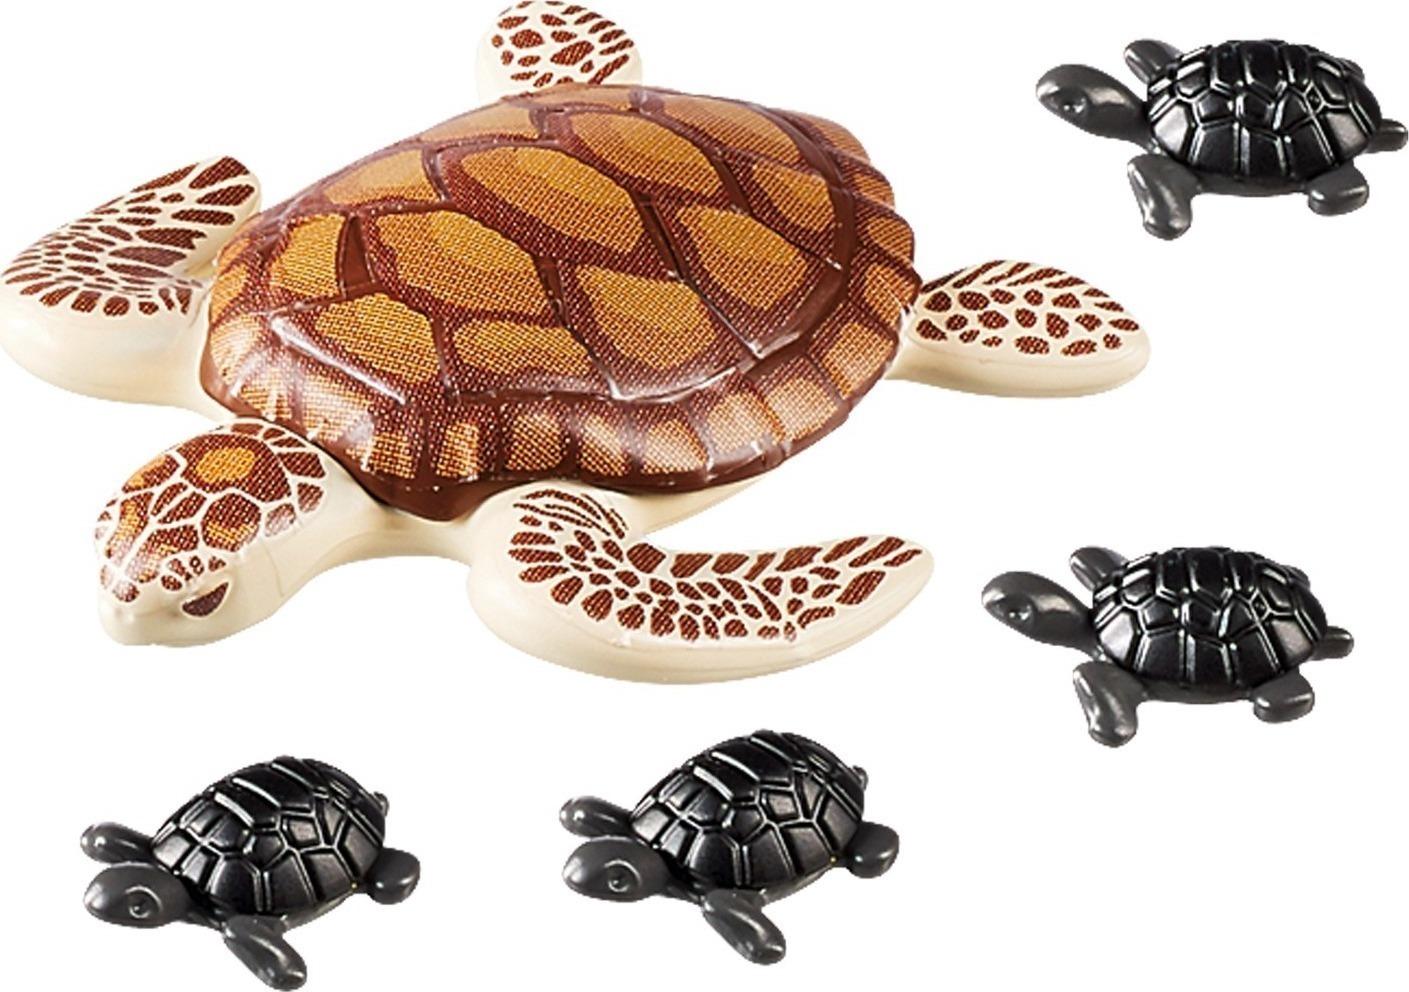 χελώνα dating 19 χρονών τύπος που χρονολογείται ένα 21 χρονών